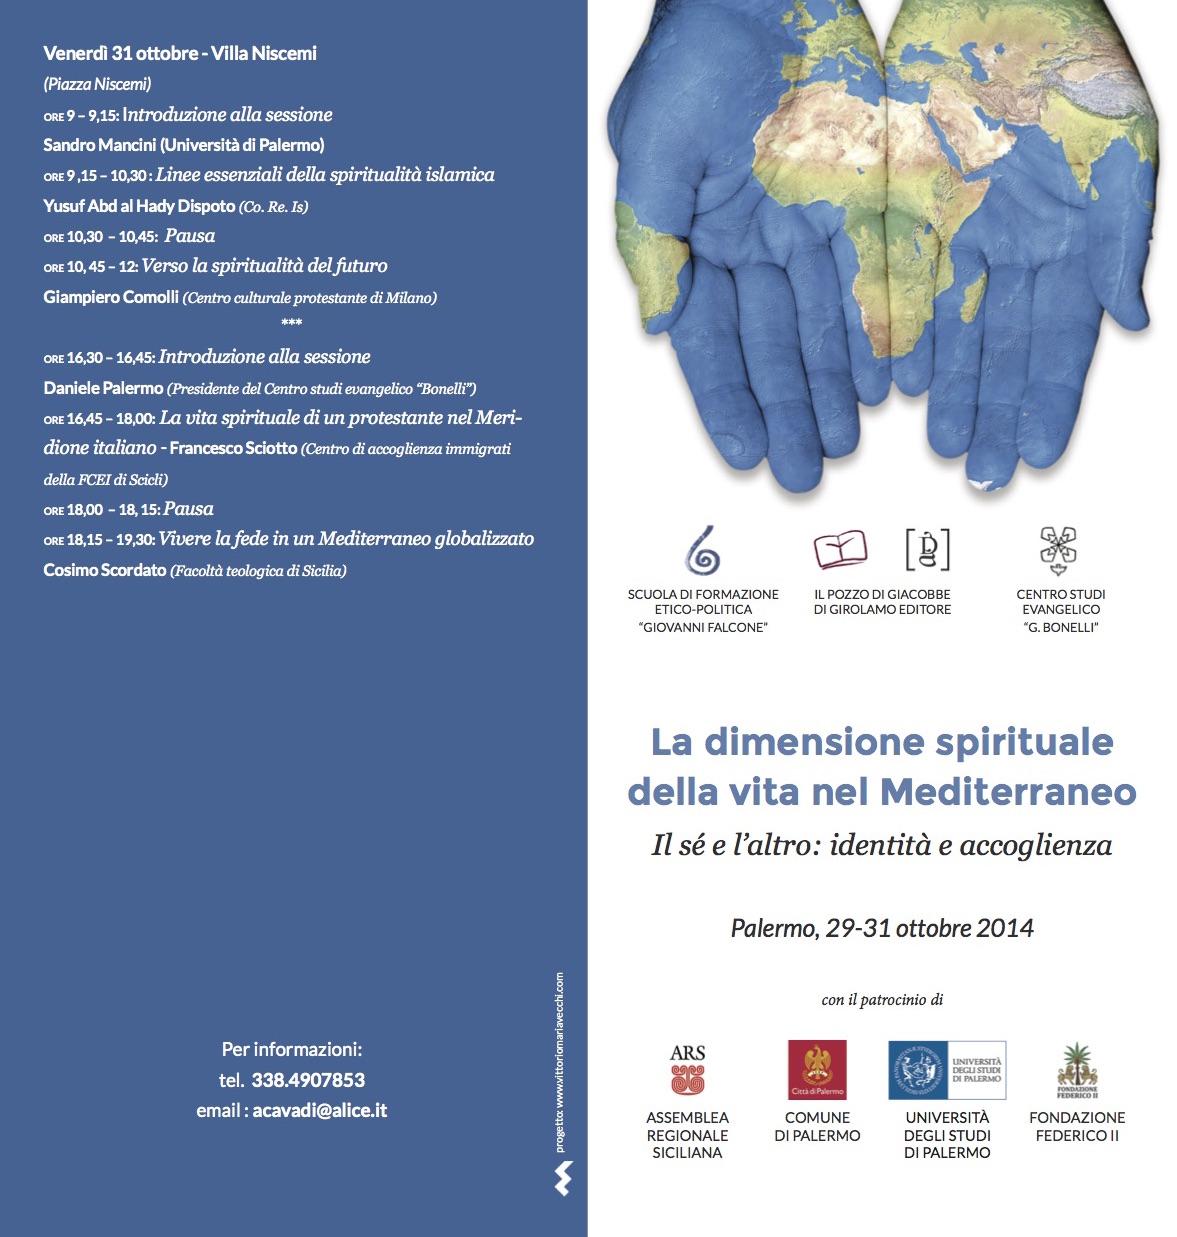 Il sé e l'altro. Palermo 2014(2)